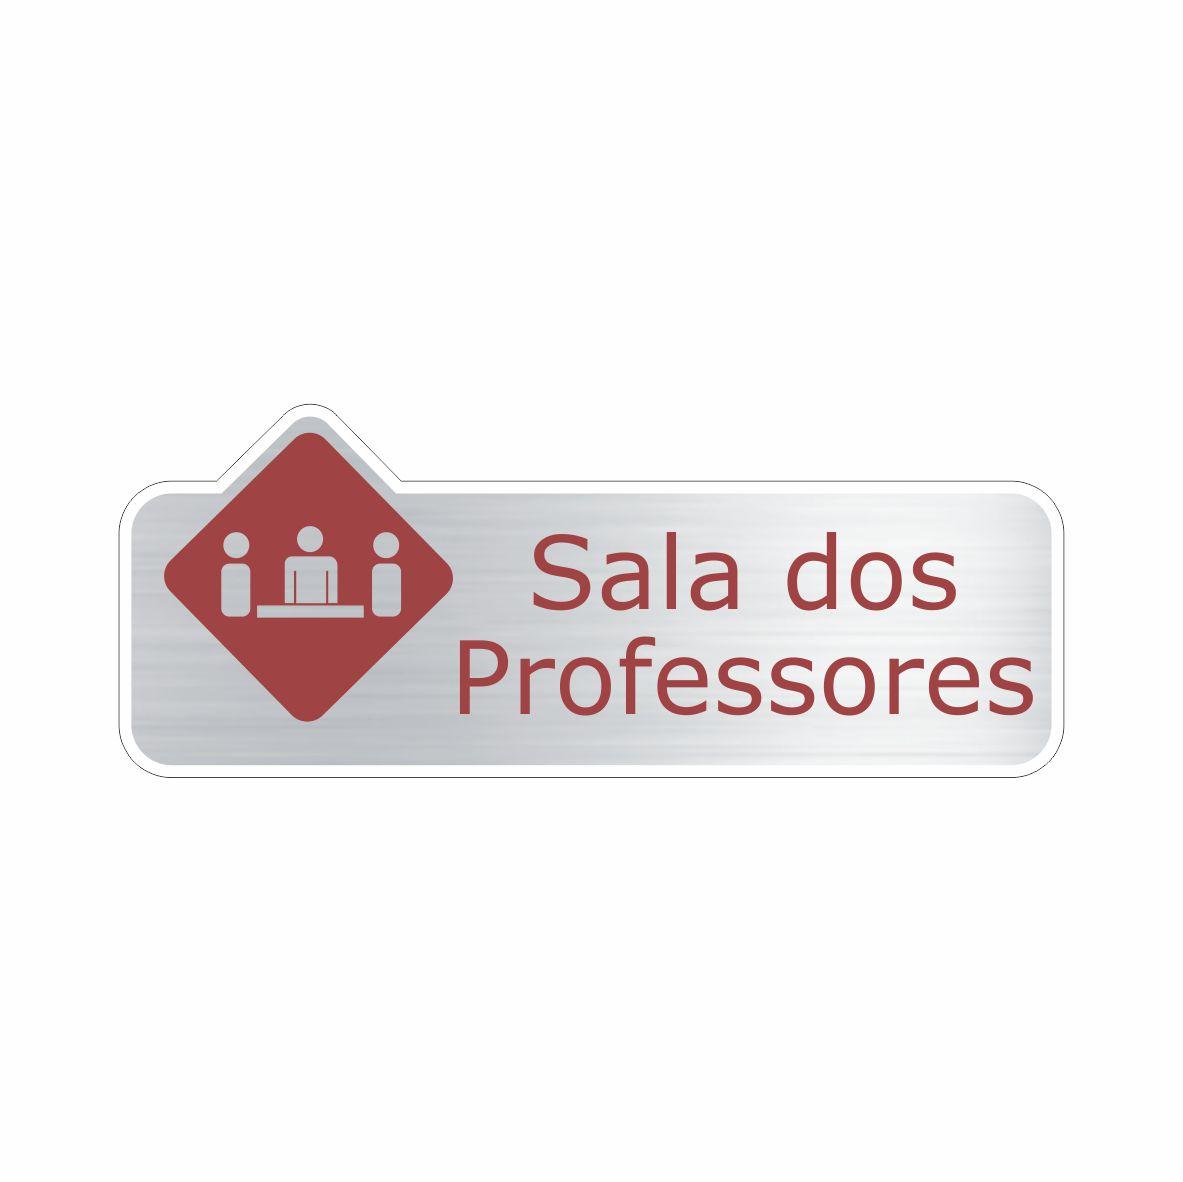 Sala dos professores  - Towbar Sinalização de Segurança